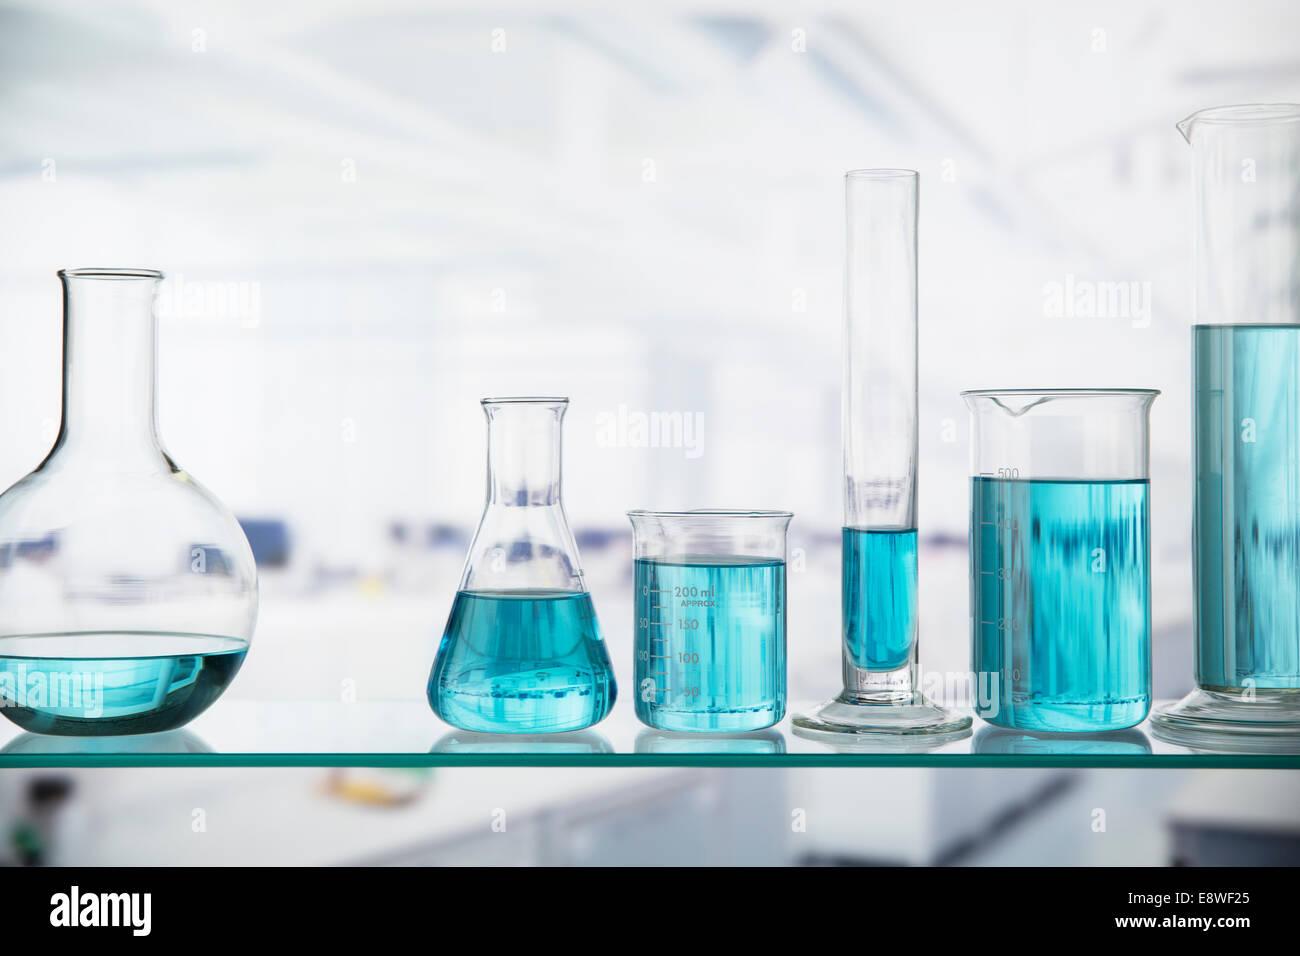 Nahaufnahme von Bechern mit Lösung auf Regal im Labor Stockfoto